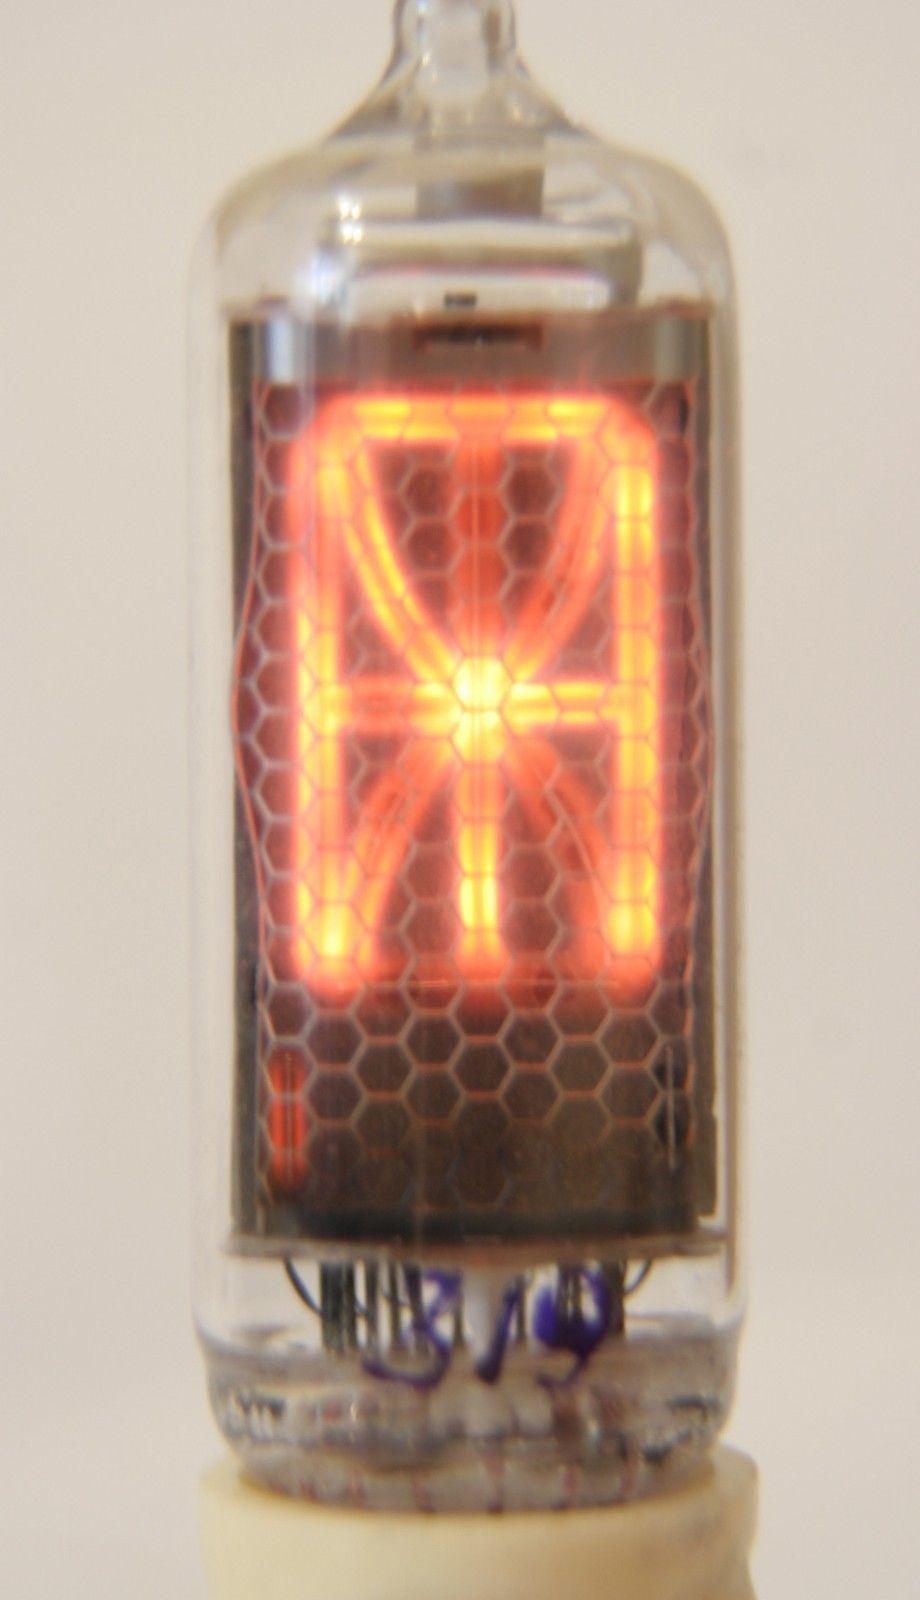 Unic Ultra Rare In 23 Nixie Tube Symbol Alien Font Nixie Tube